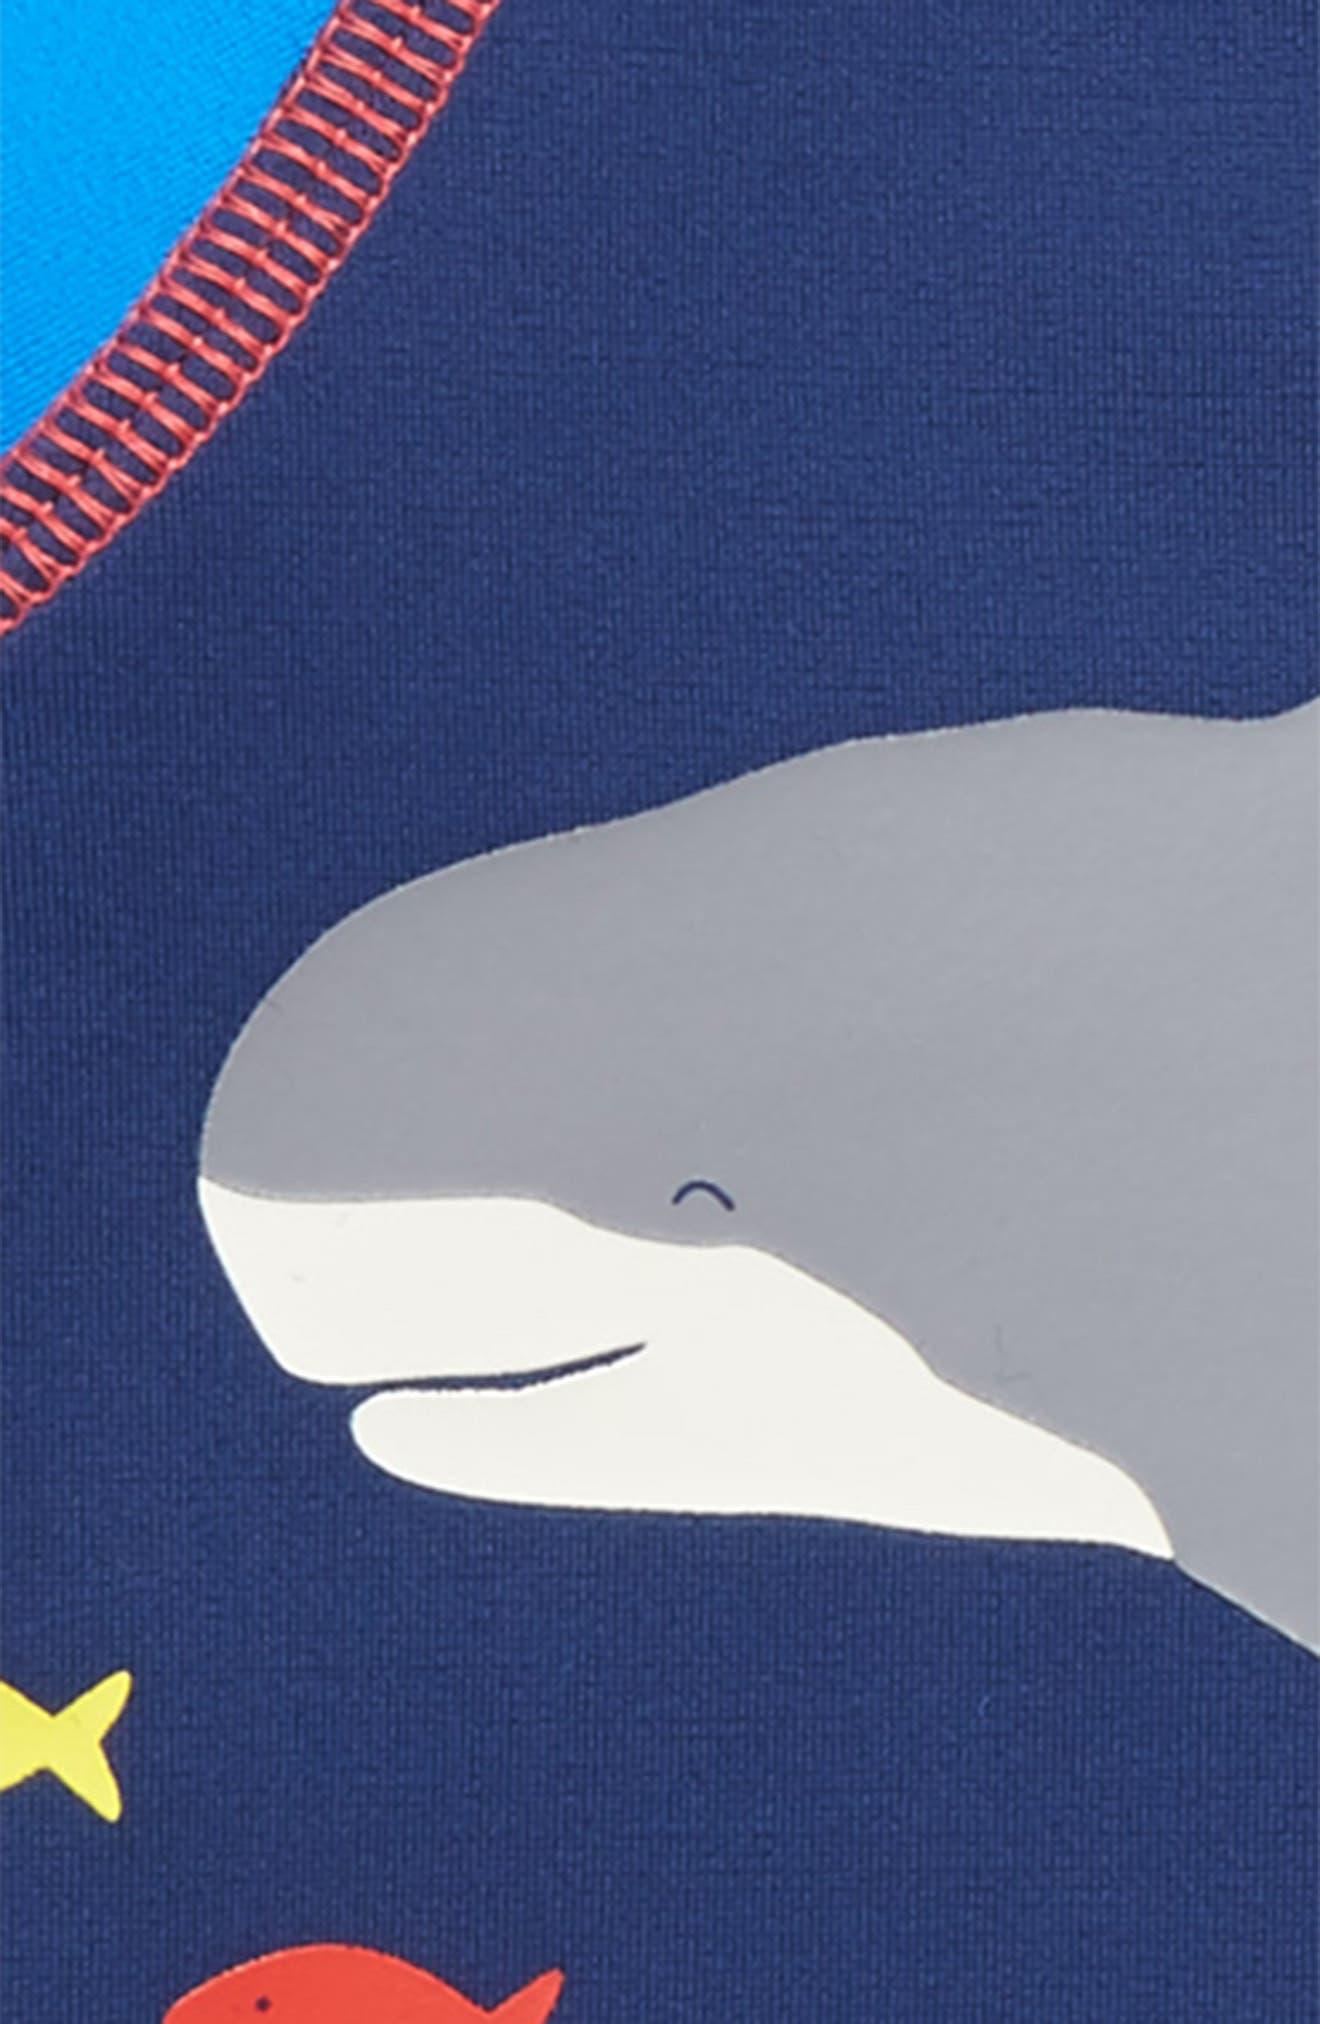 Sea Creature Rashguard,                             Alternate thumbnail 2, color,                             Deep Sea